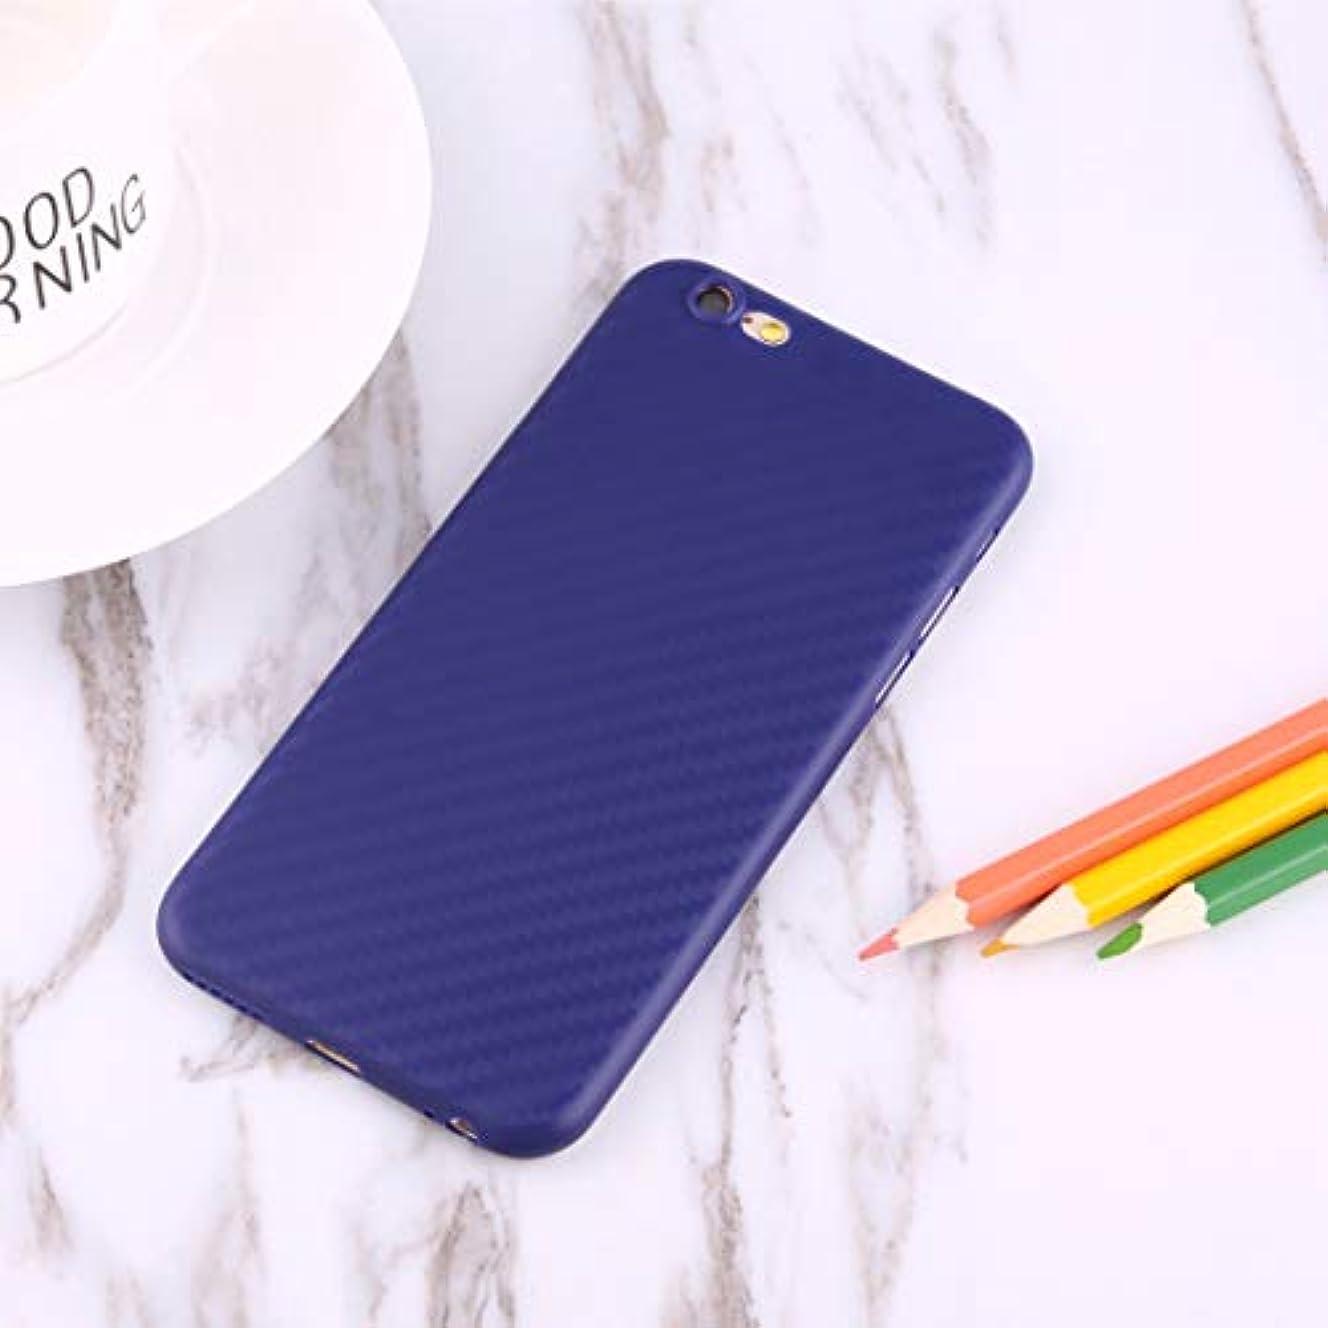 マラウイ疼痛個人的にYMF iPhone 6 Plus&6s Plusカーボンファイバーテクスチャー用PP保護カバーケース (Color : Dark Blue)